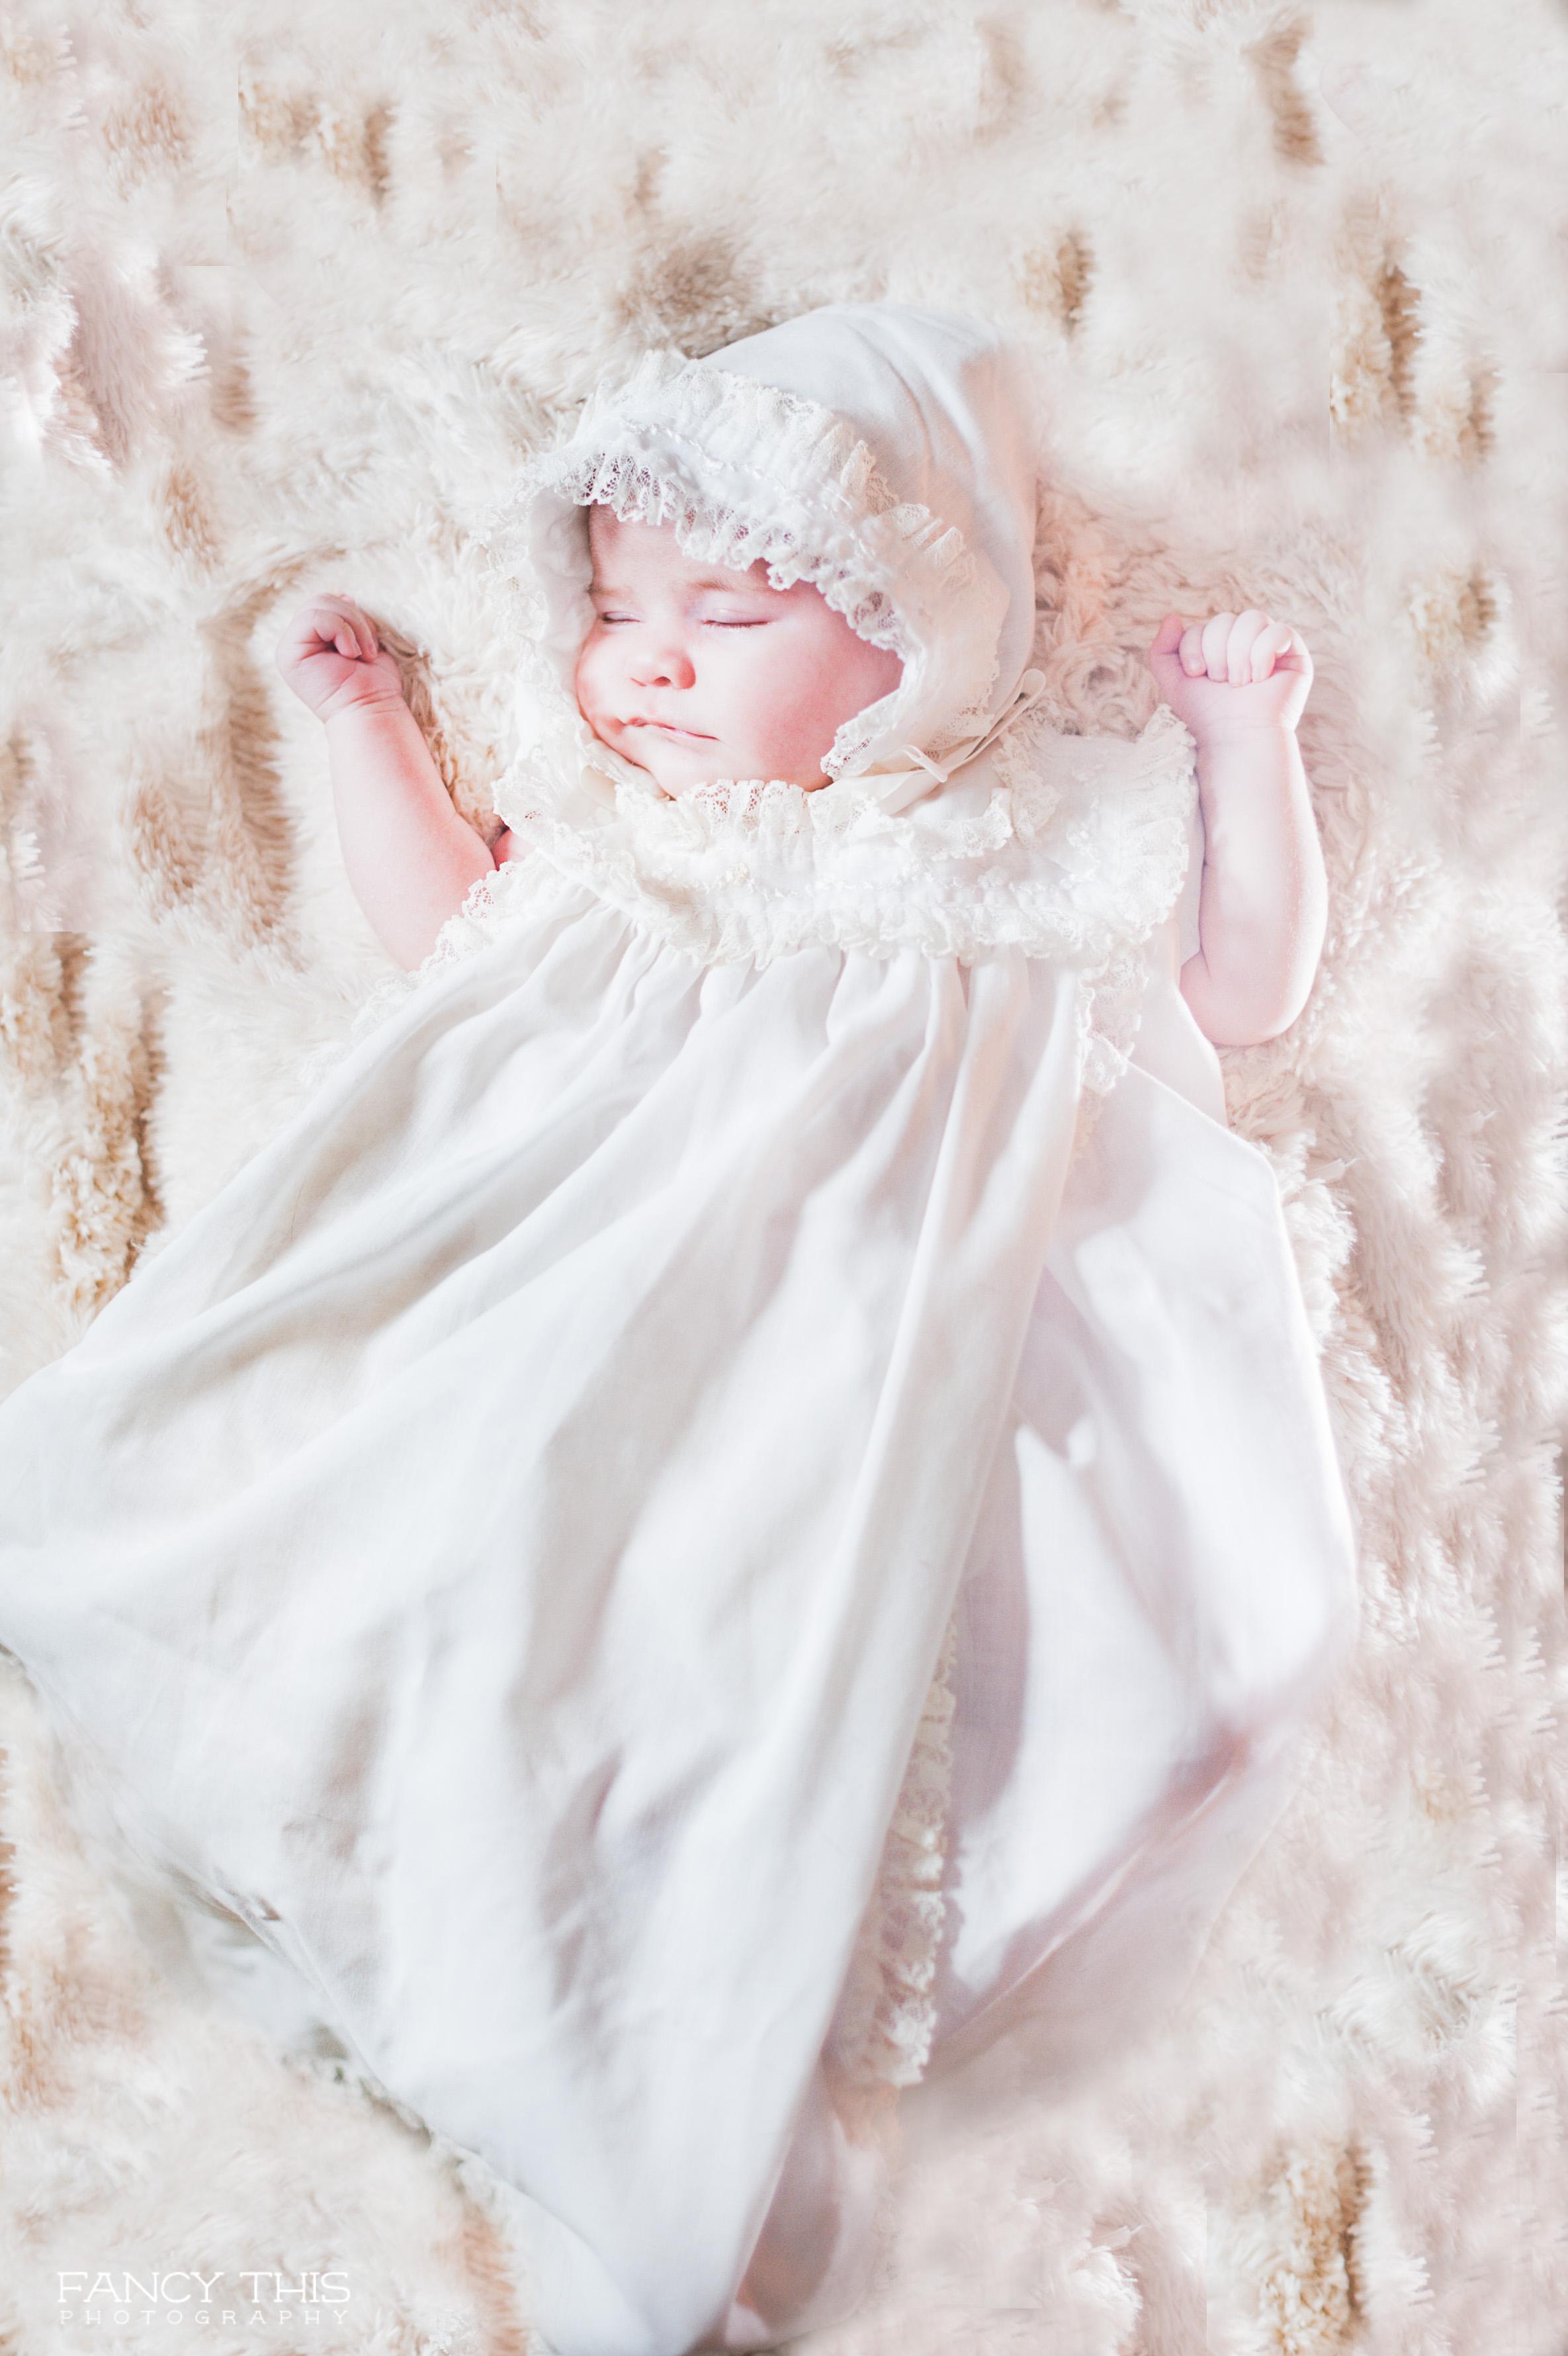 winnie_christmas_socialmediaready-5.jpg